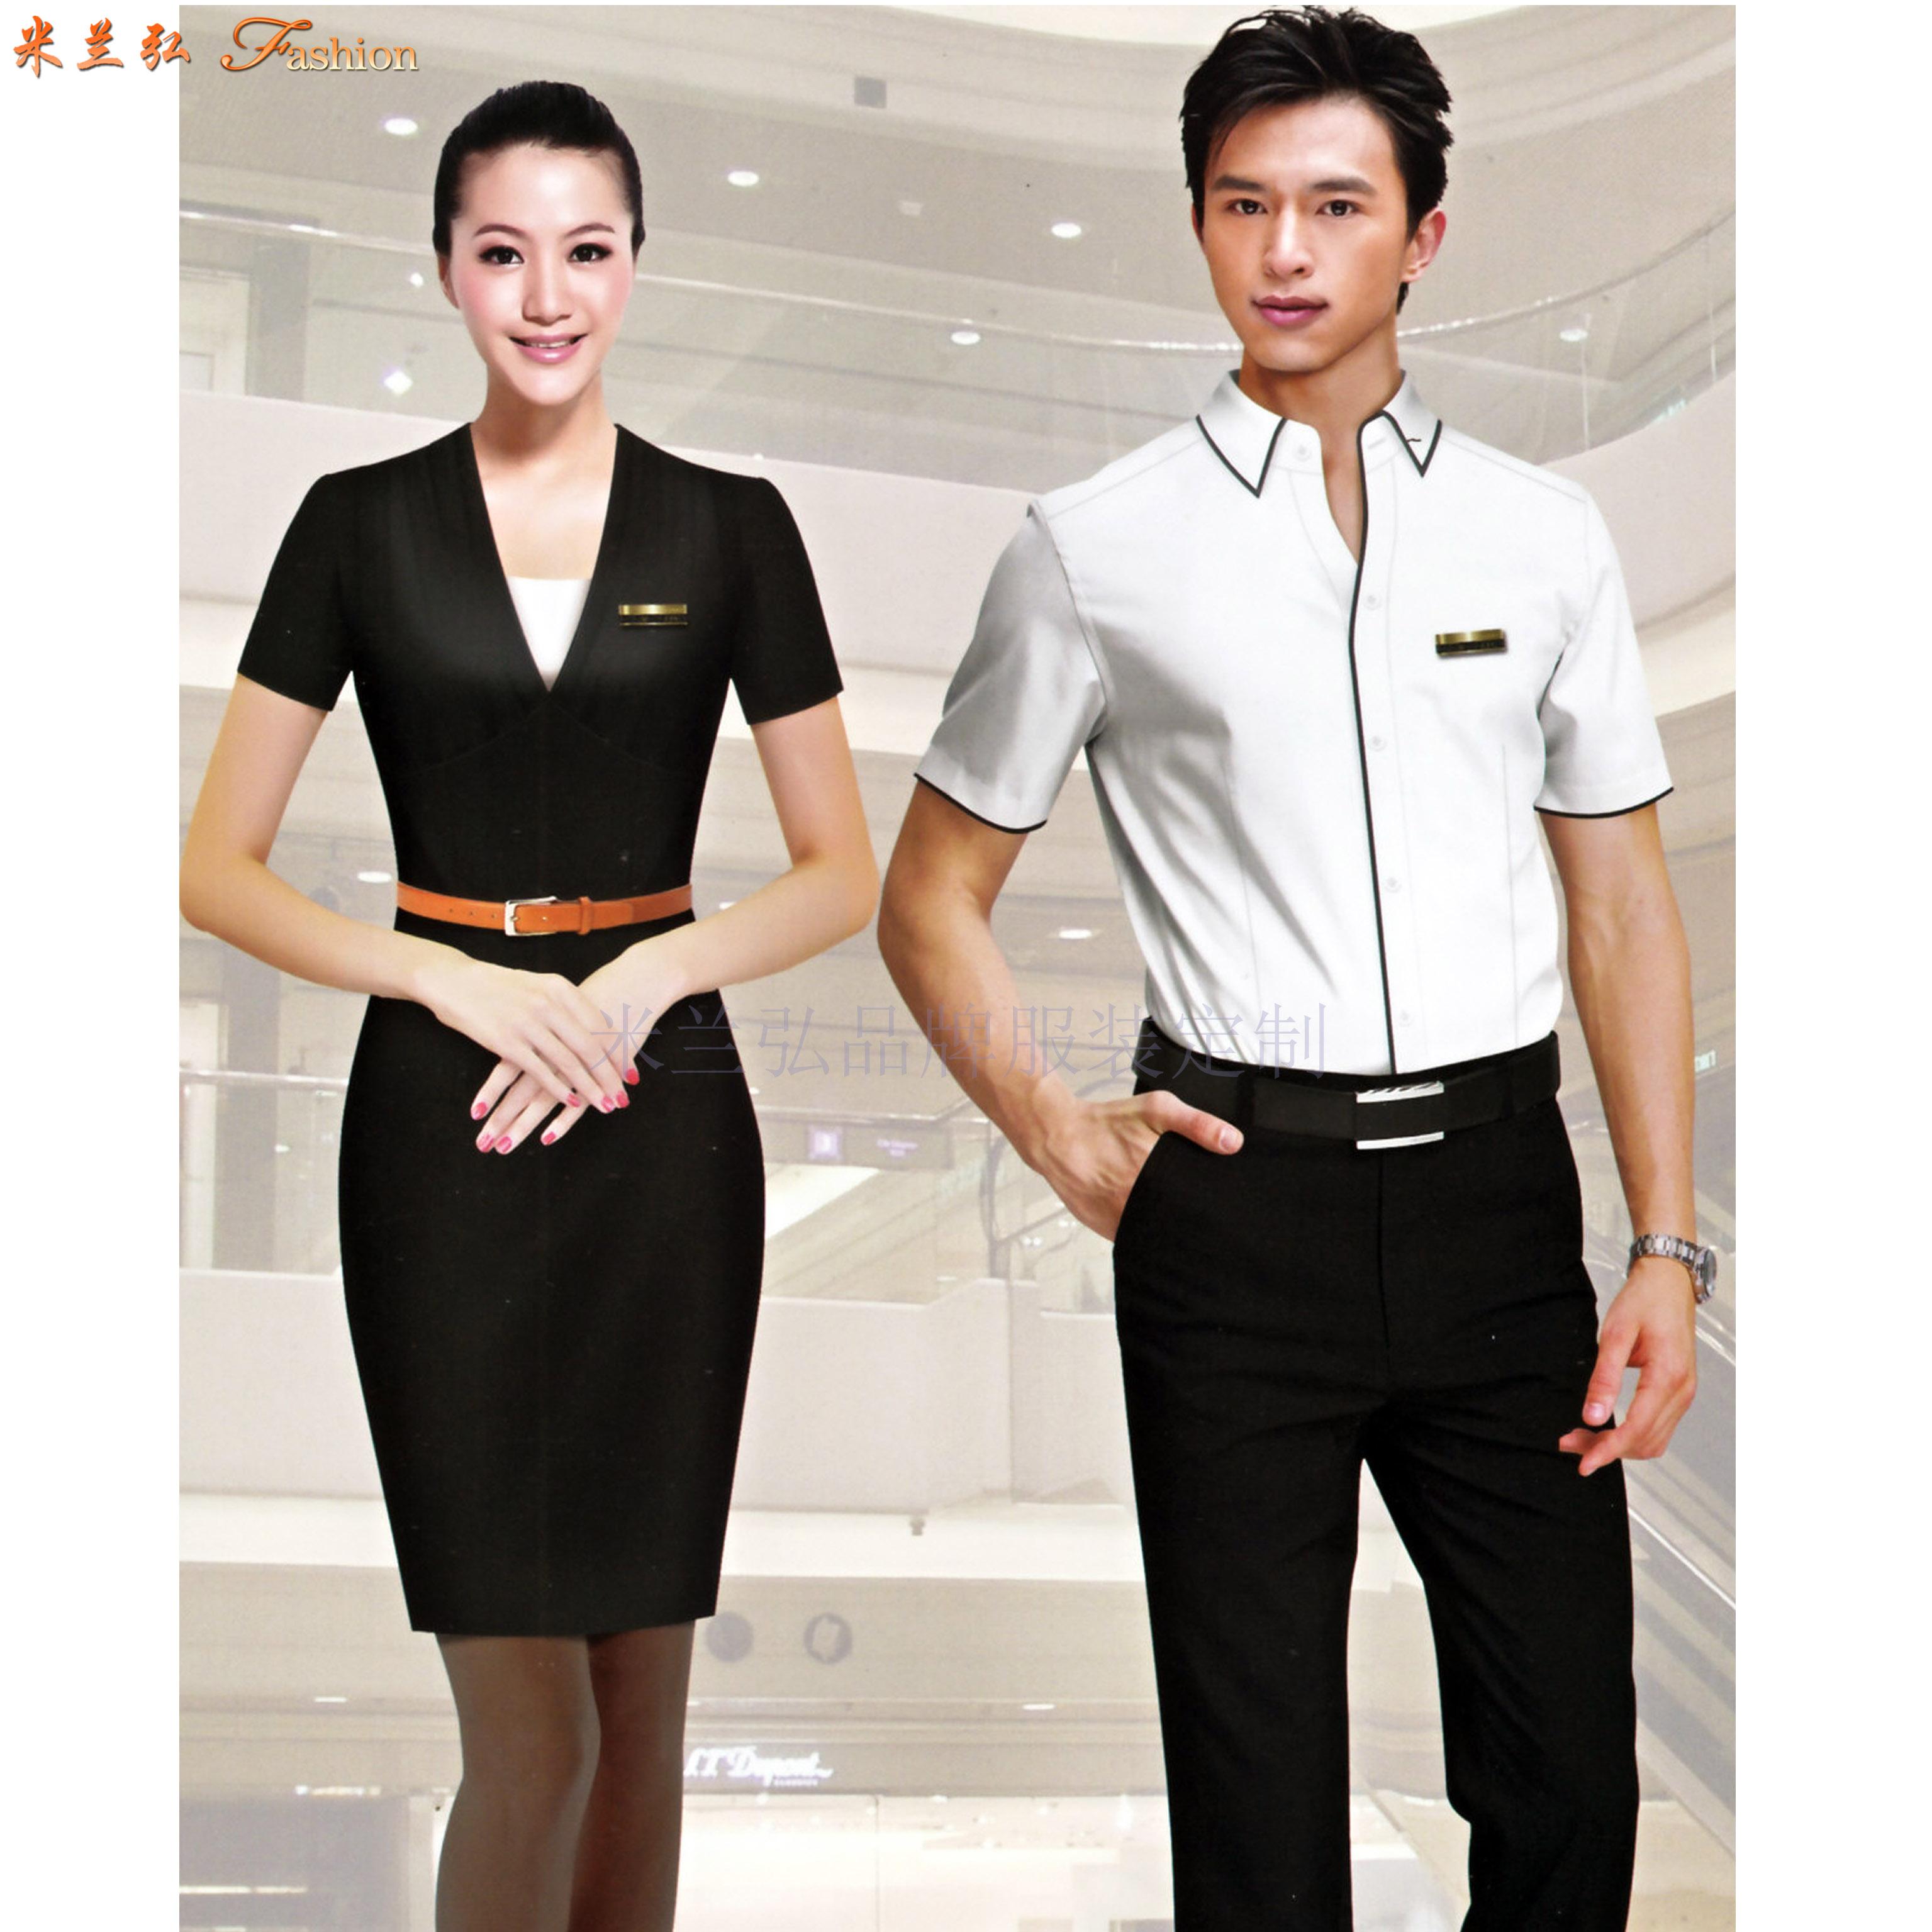 「短袖工作服」供应订制企业夏天凉爽短袖衬衫套装-米兰弘服装-4